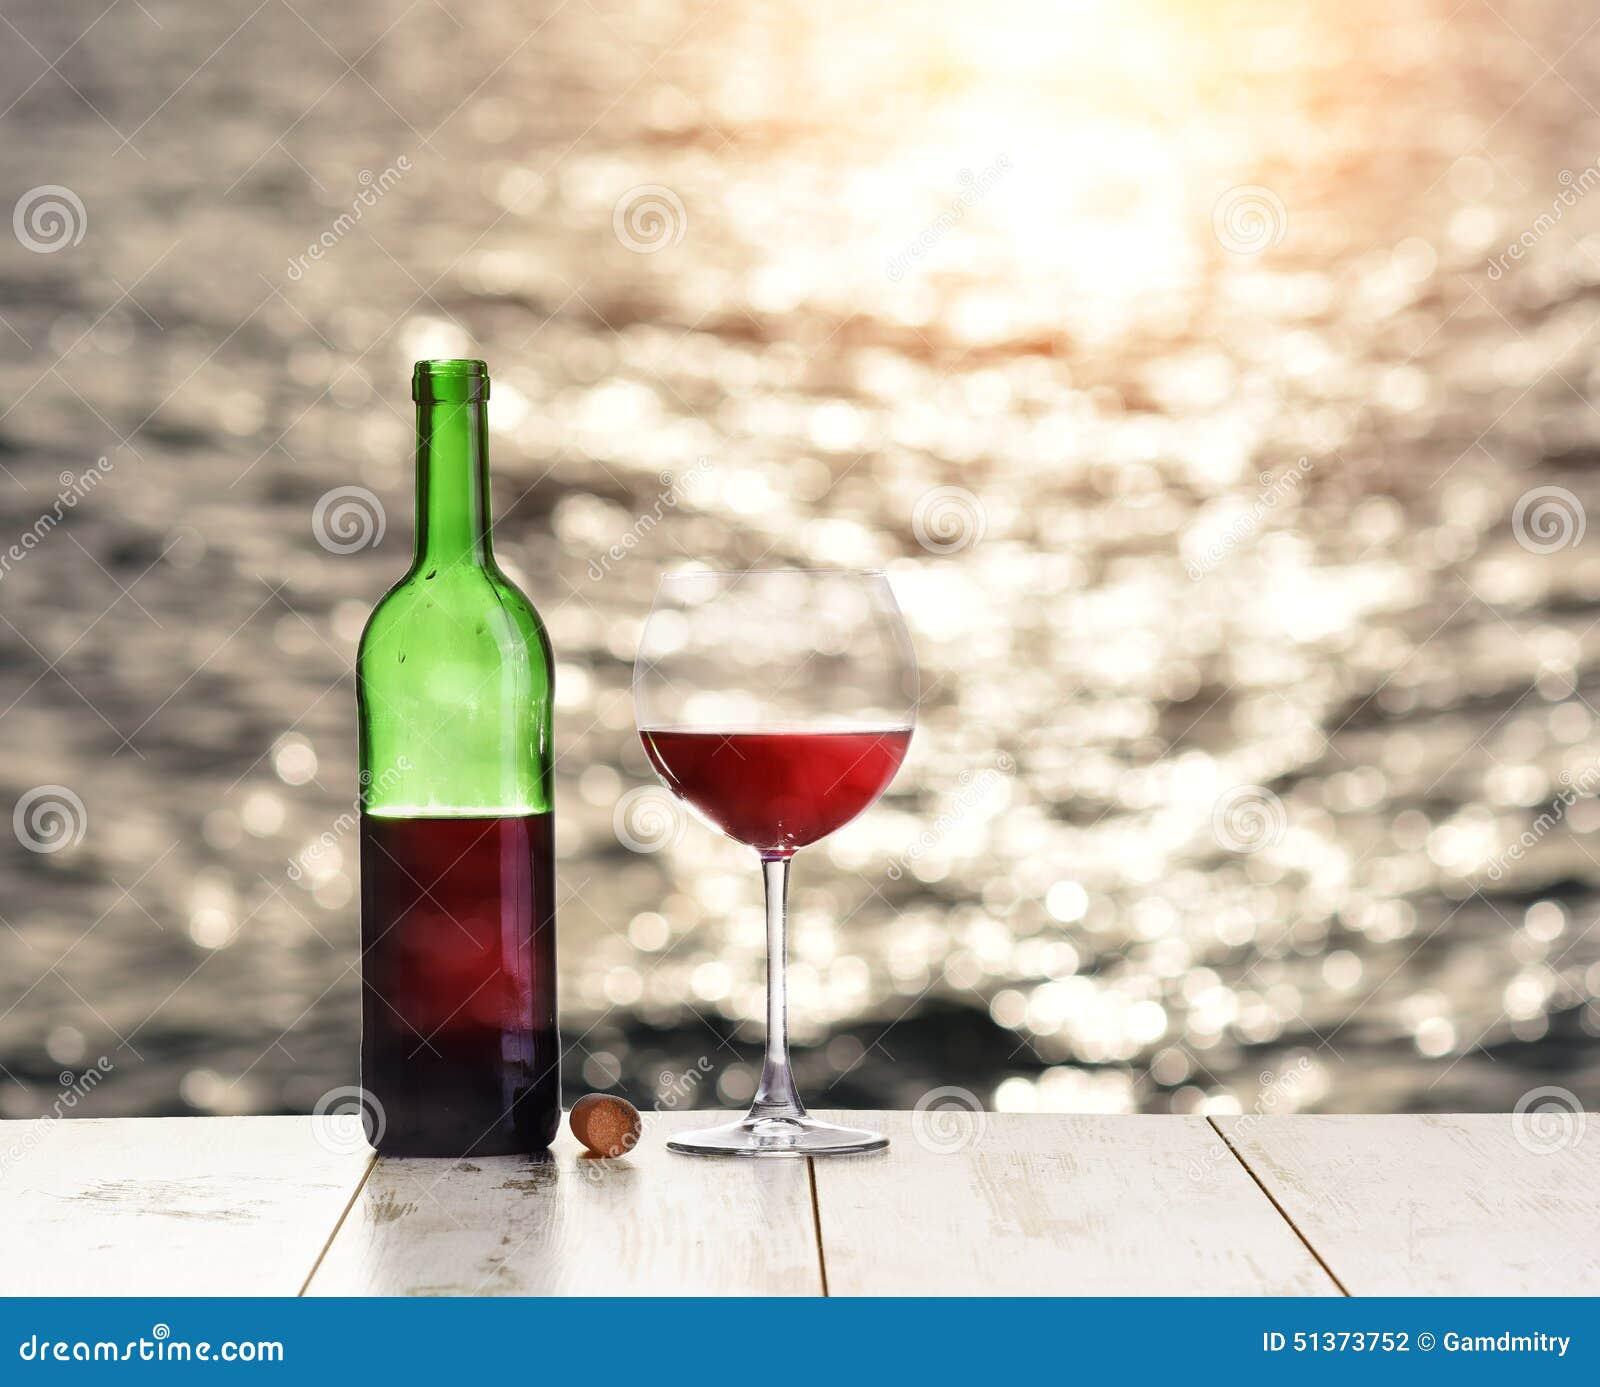 Bouteille et verre de vin rouge sur la table de toile for Position des verres sur une table